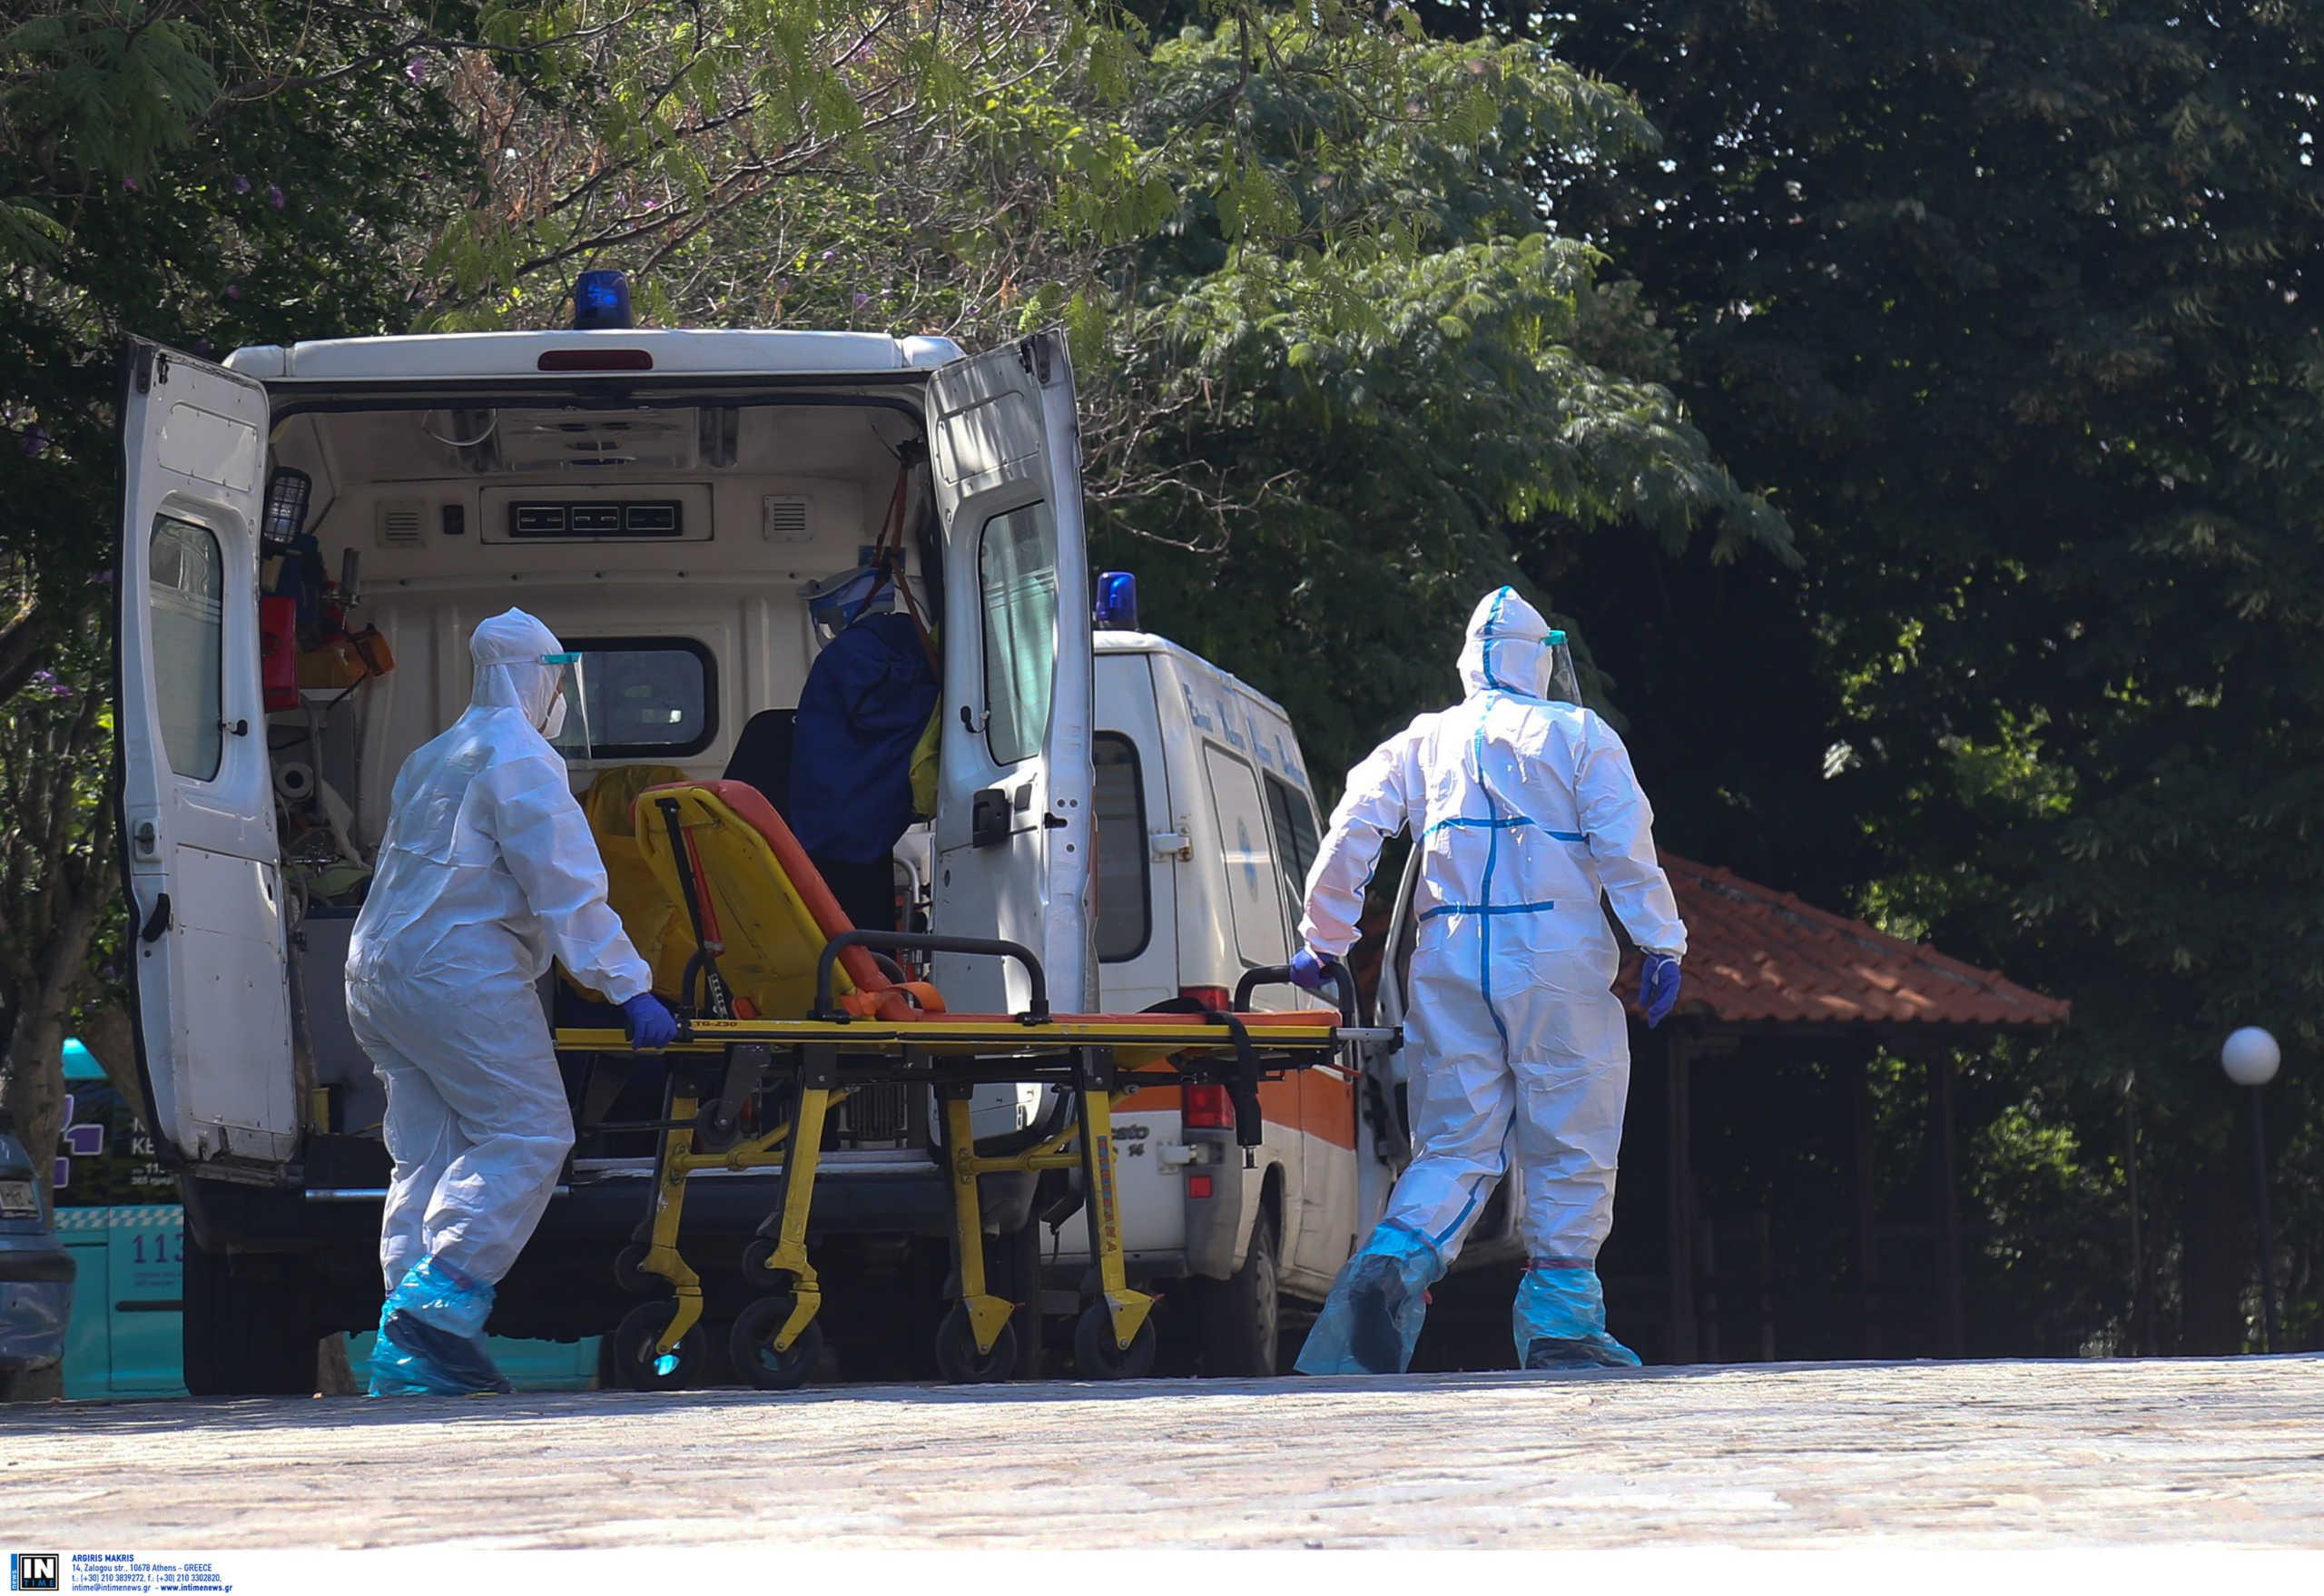 Κορονοϊός: 346 νέα κρούσματα και 8 νέοι θάνατοι το τελευταίο 24ωρο